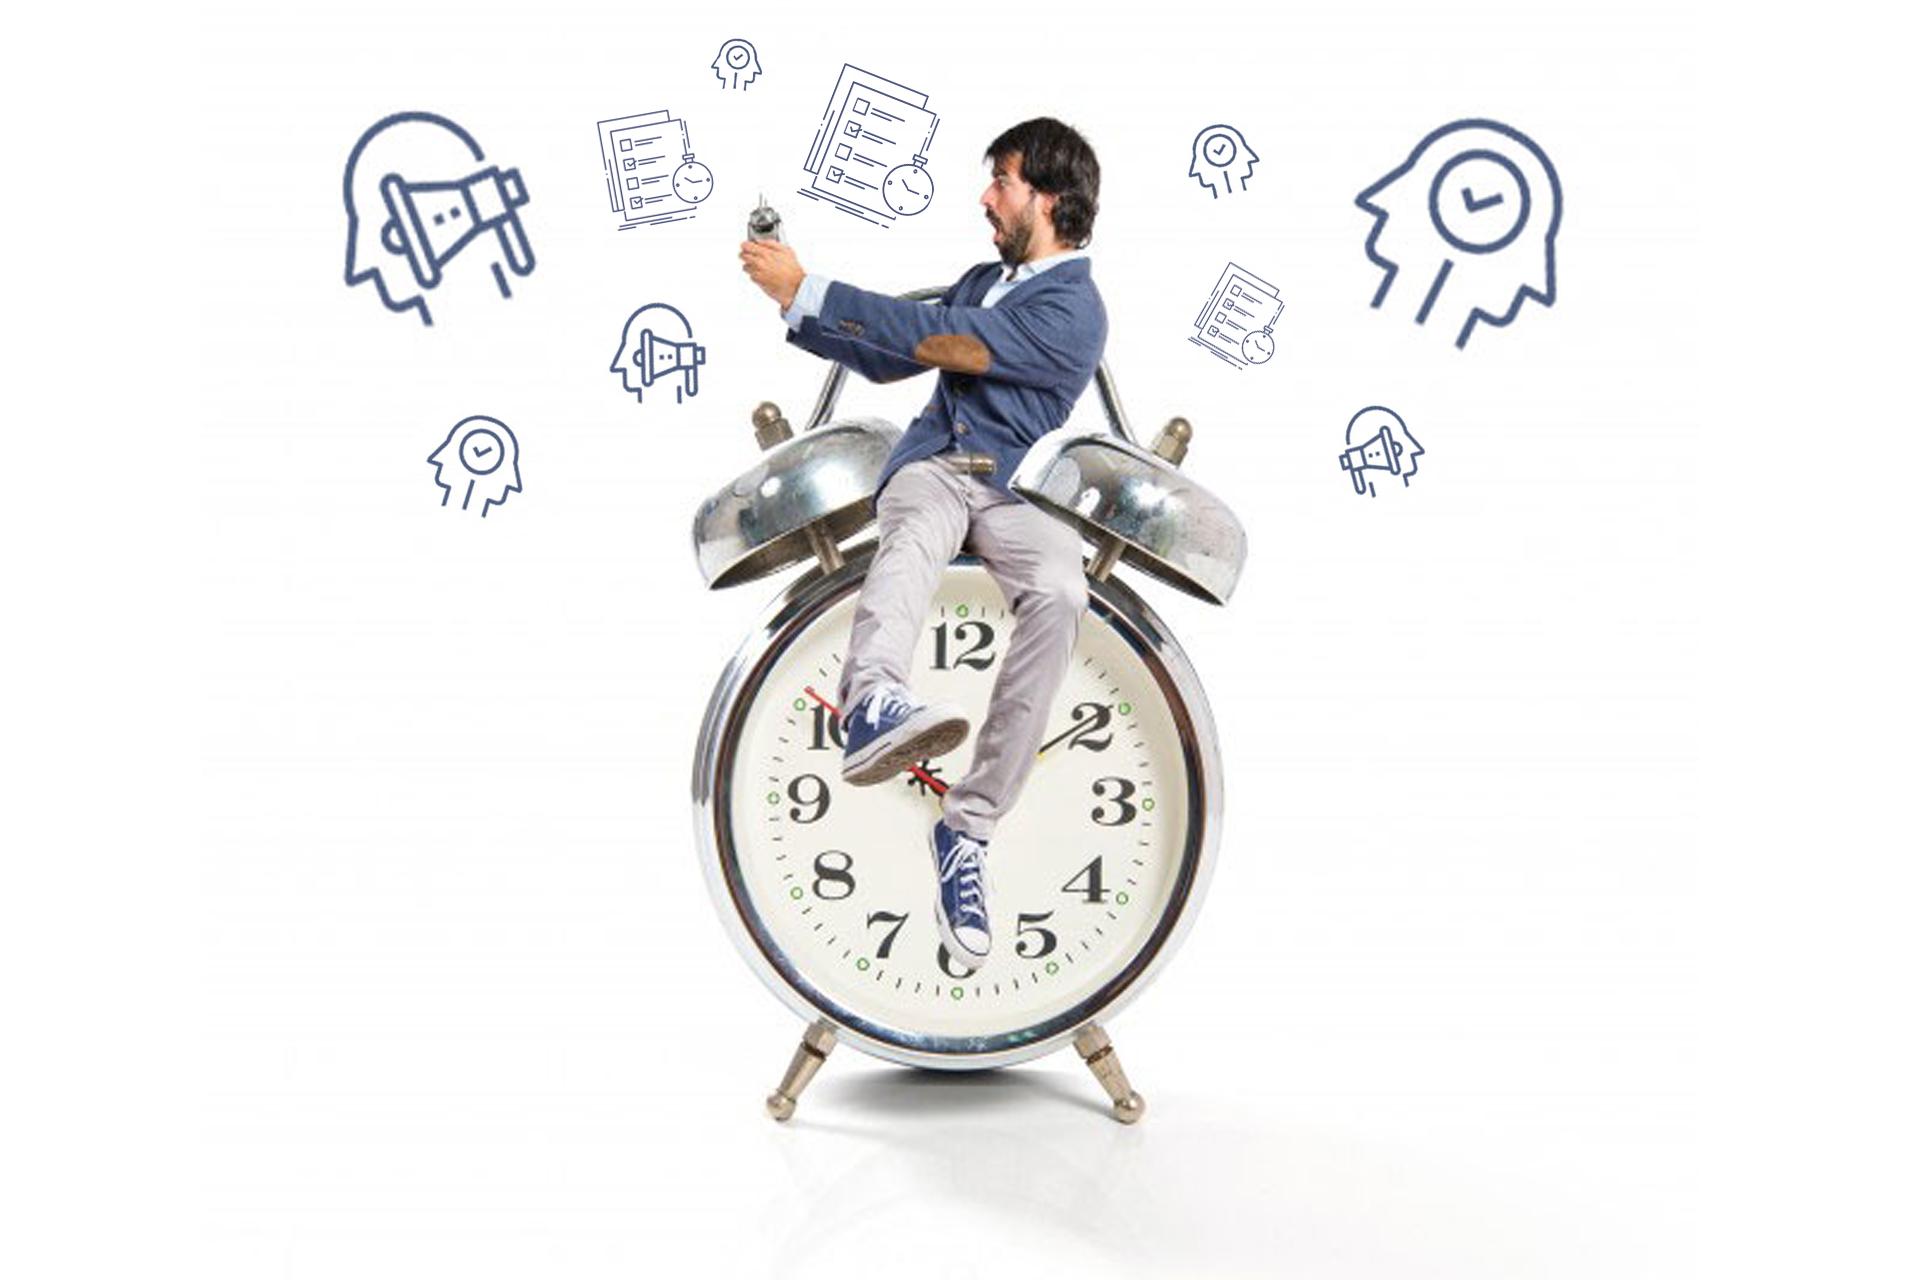 روابط عمومی و چالشی به نام مدیریت زمان!